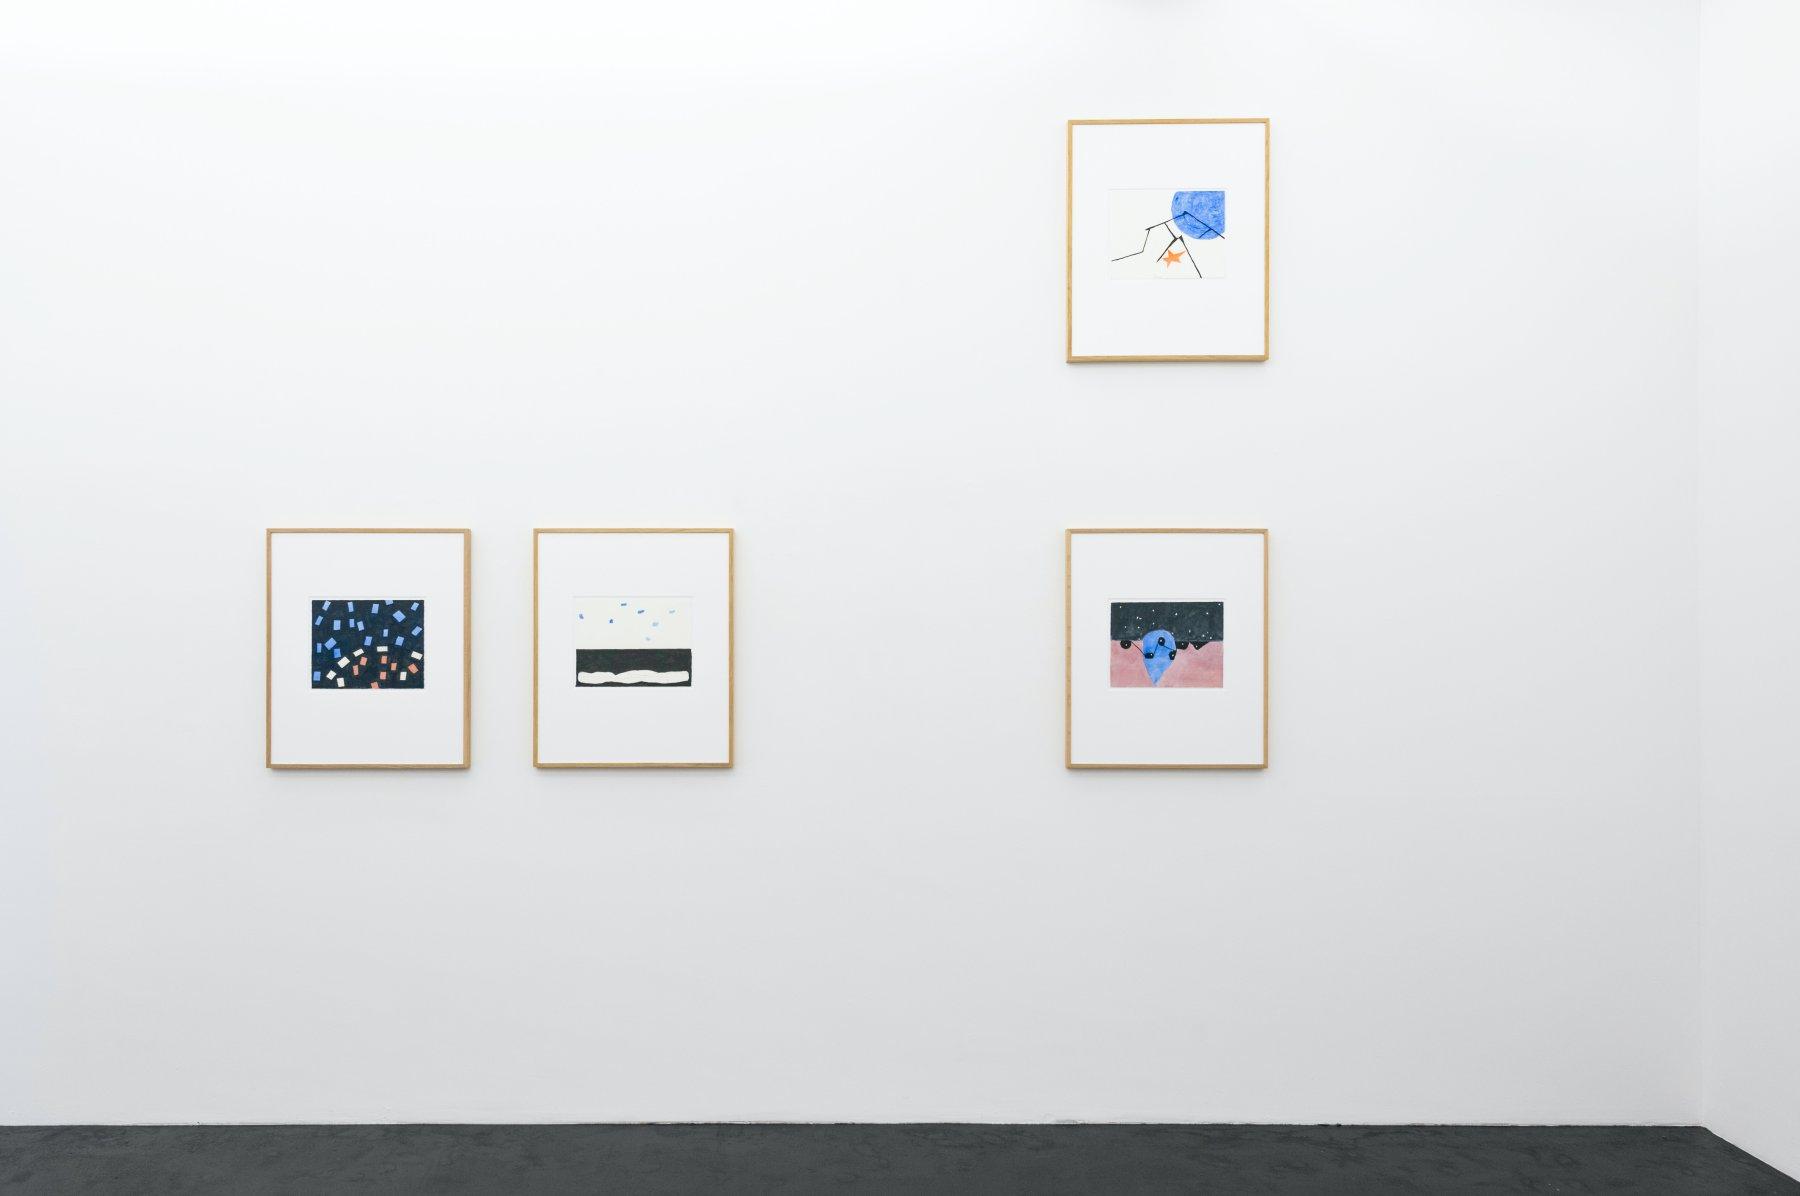 Hausler Contemporary Jurgen Partenheimer 1